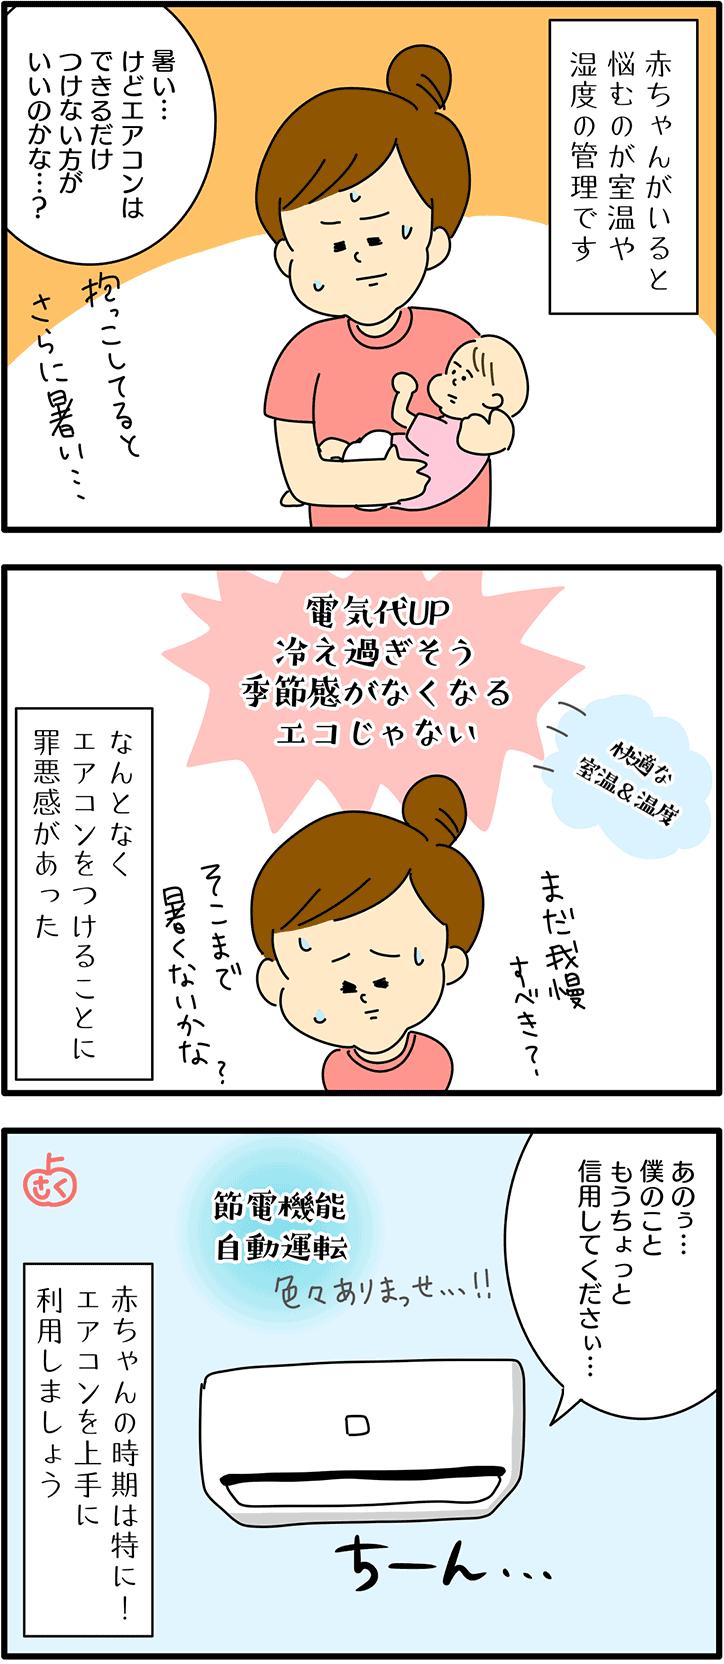 赤ちゃんとエアコンについての永岡さくら(saku)子育て3コマ漫画